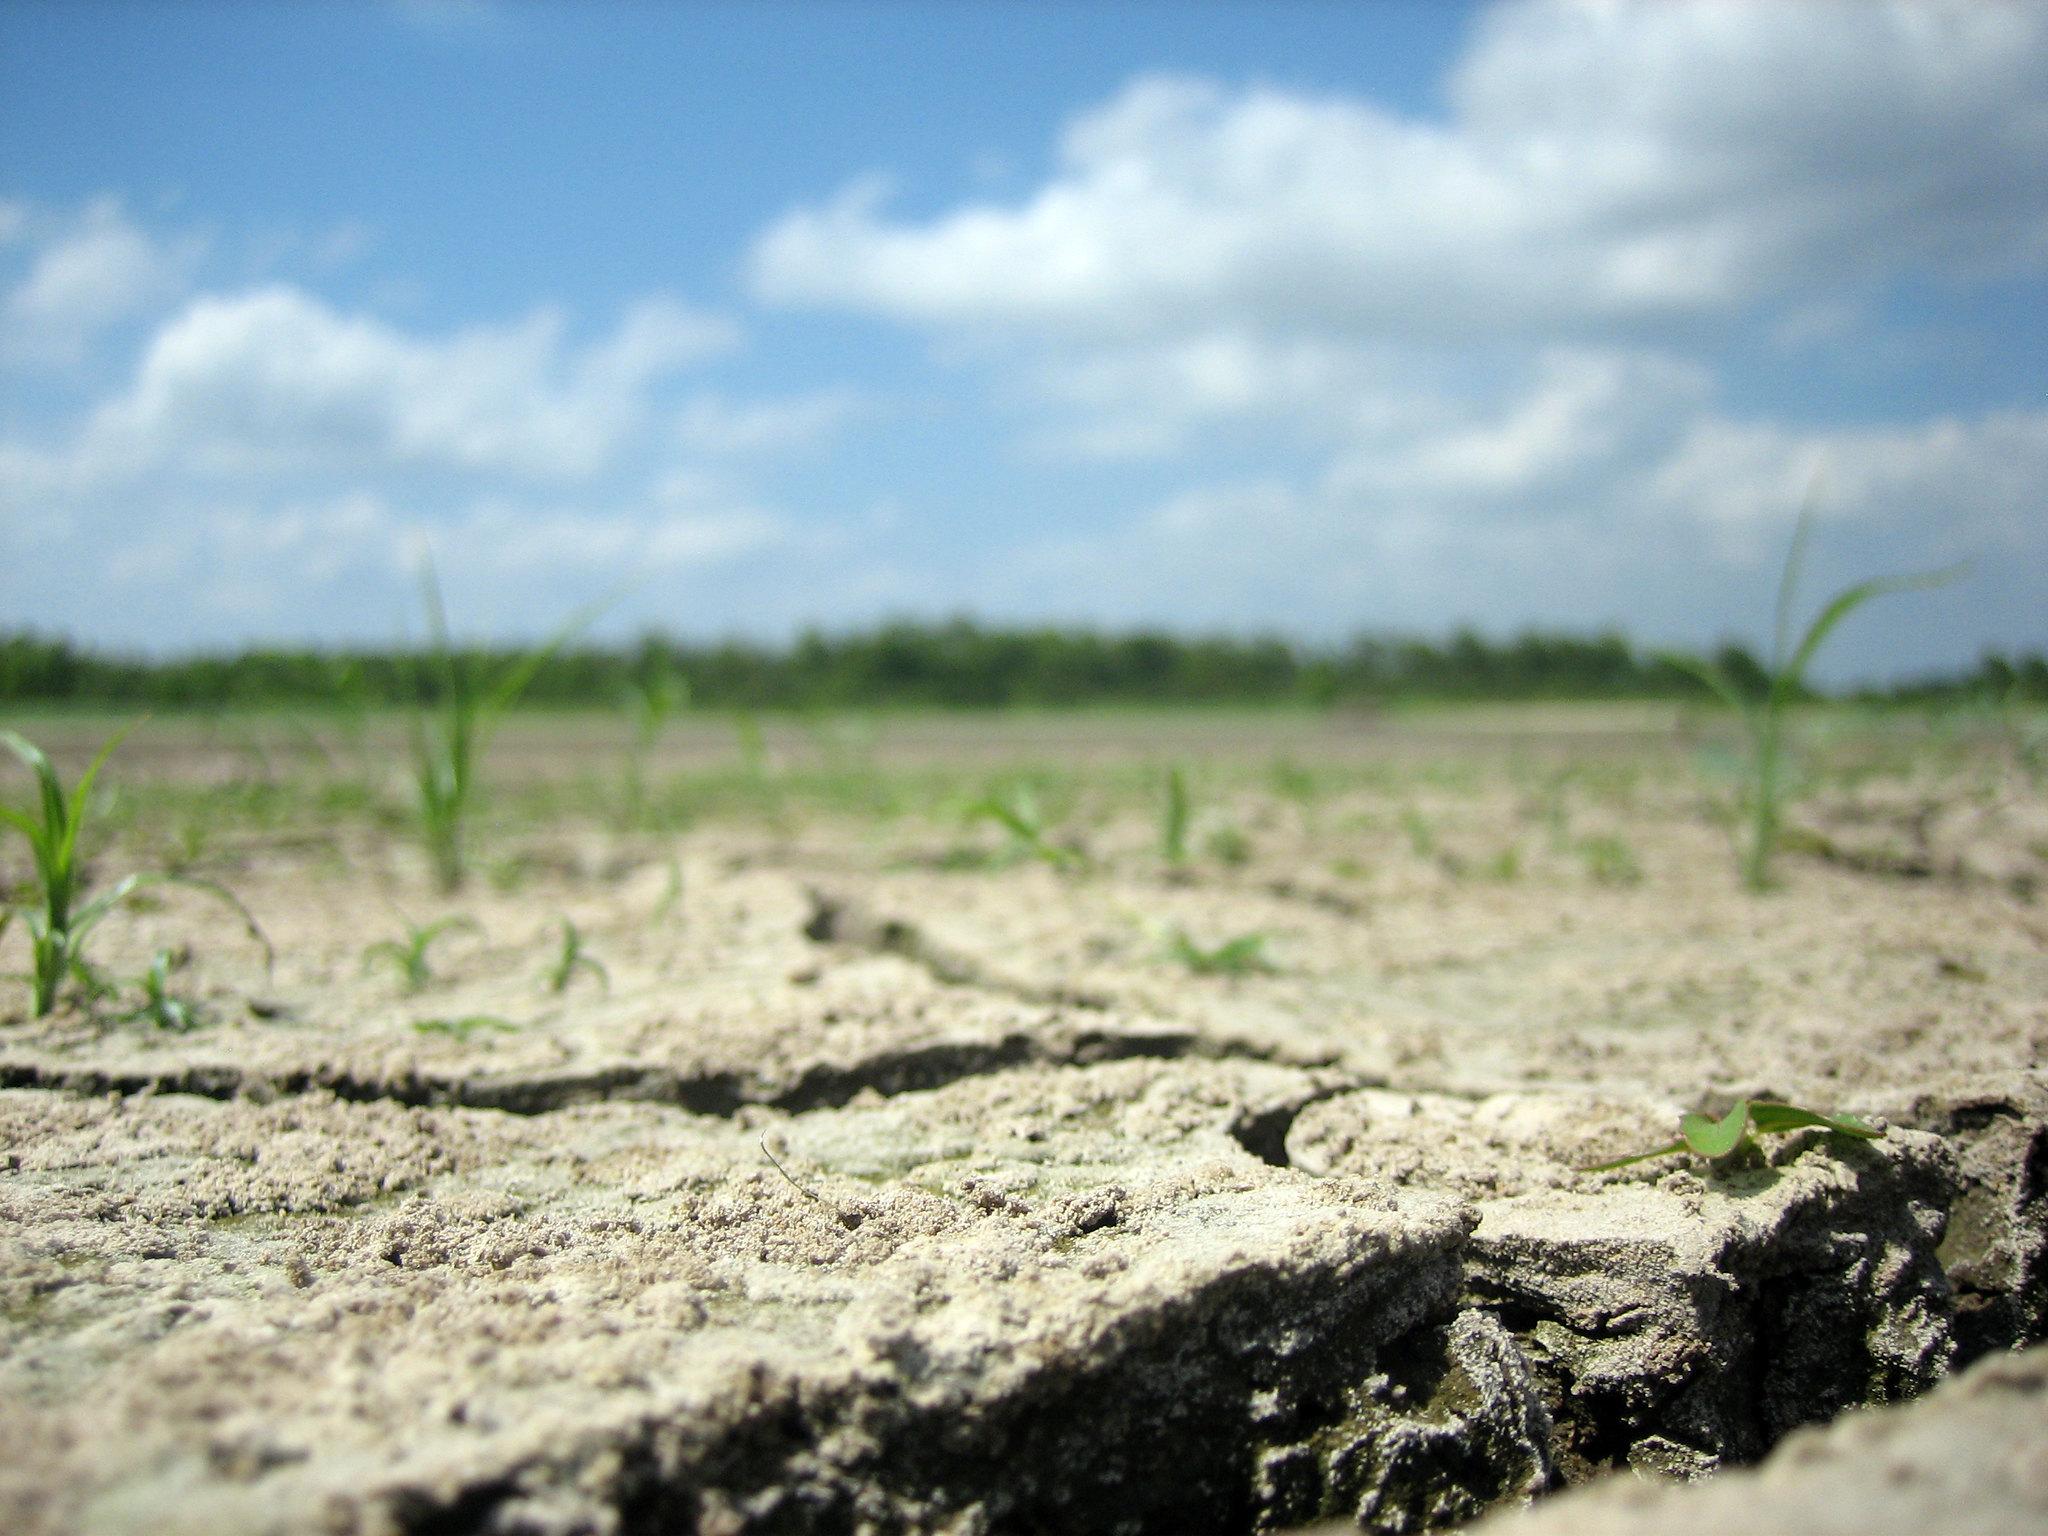 STAN shání podpisy na mimořádnou schůzi Poslanecké sněmovny k otázce sucha